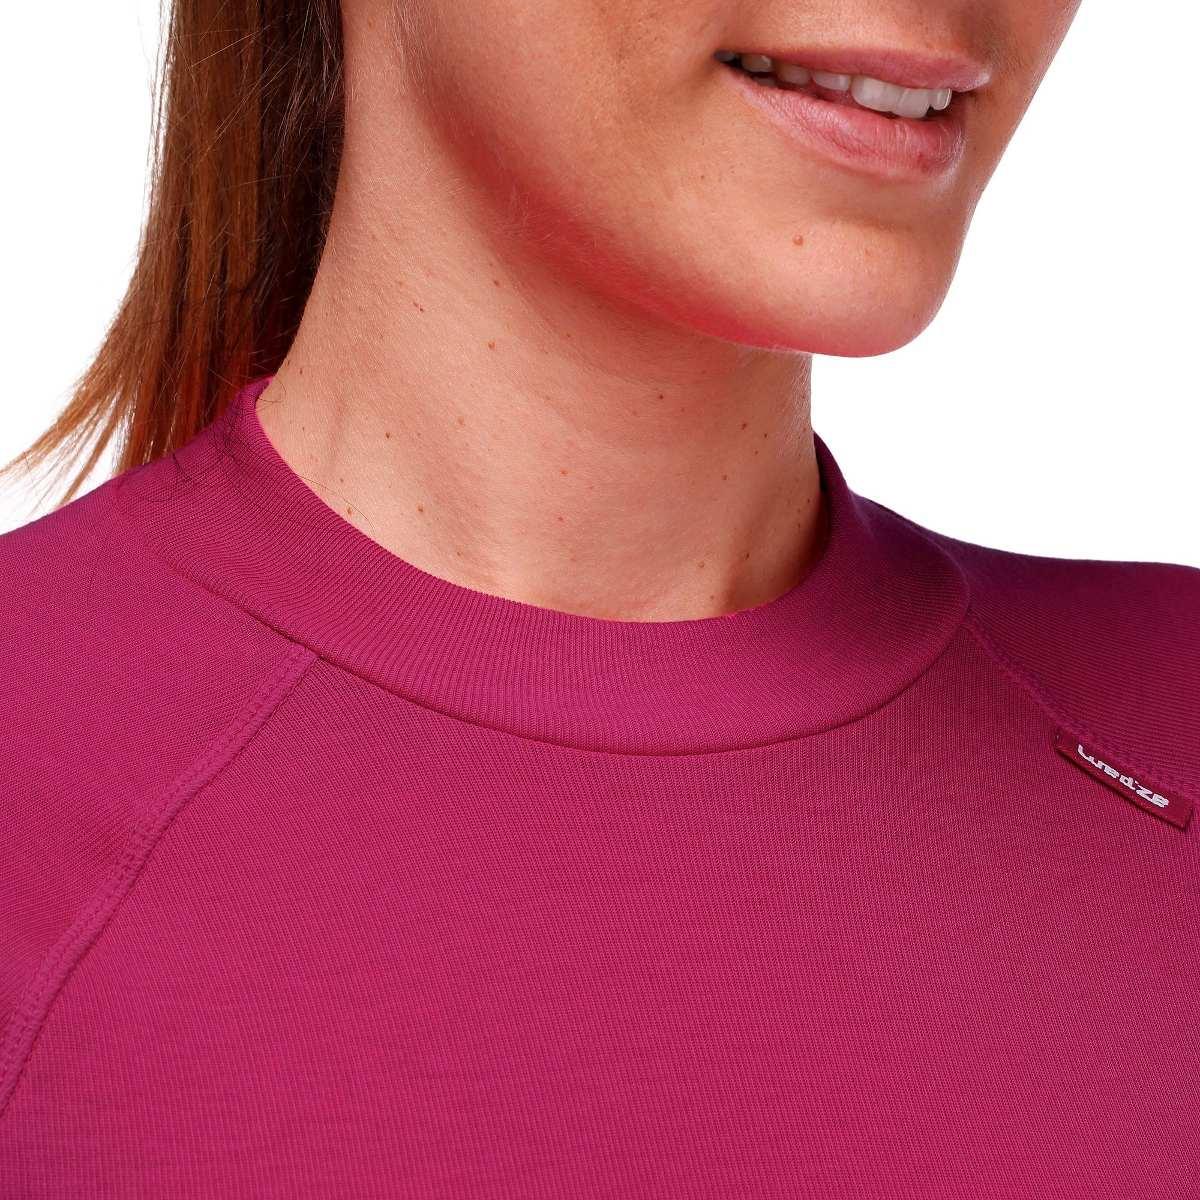 a3ab14b1d6 blusa camisa feminina isolamento térmico corrida caminhada. Carregando zoom.